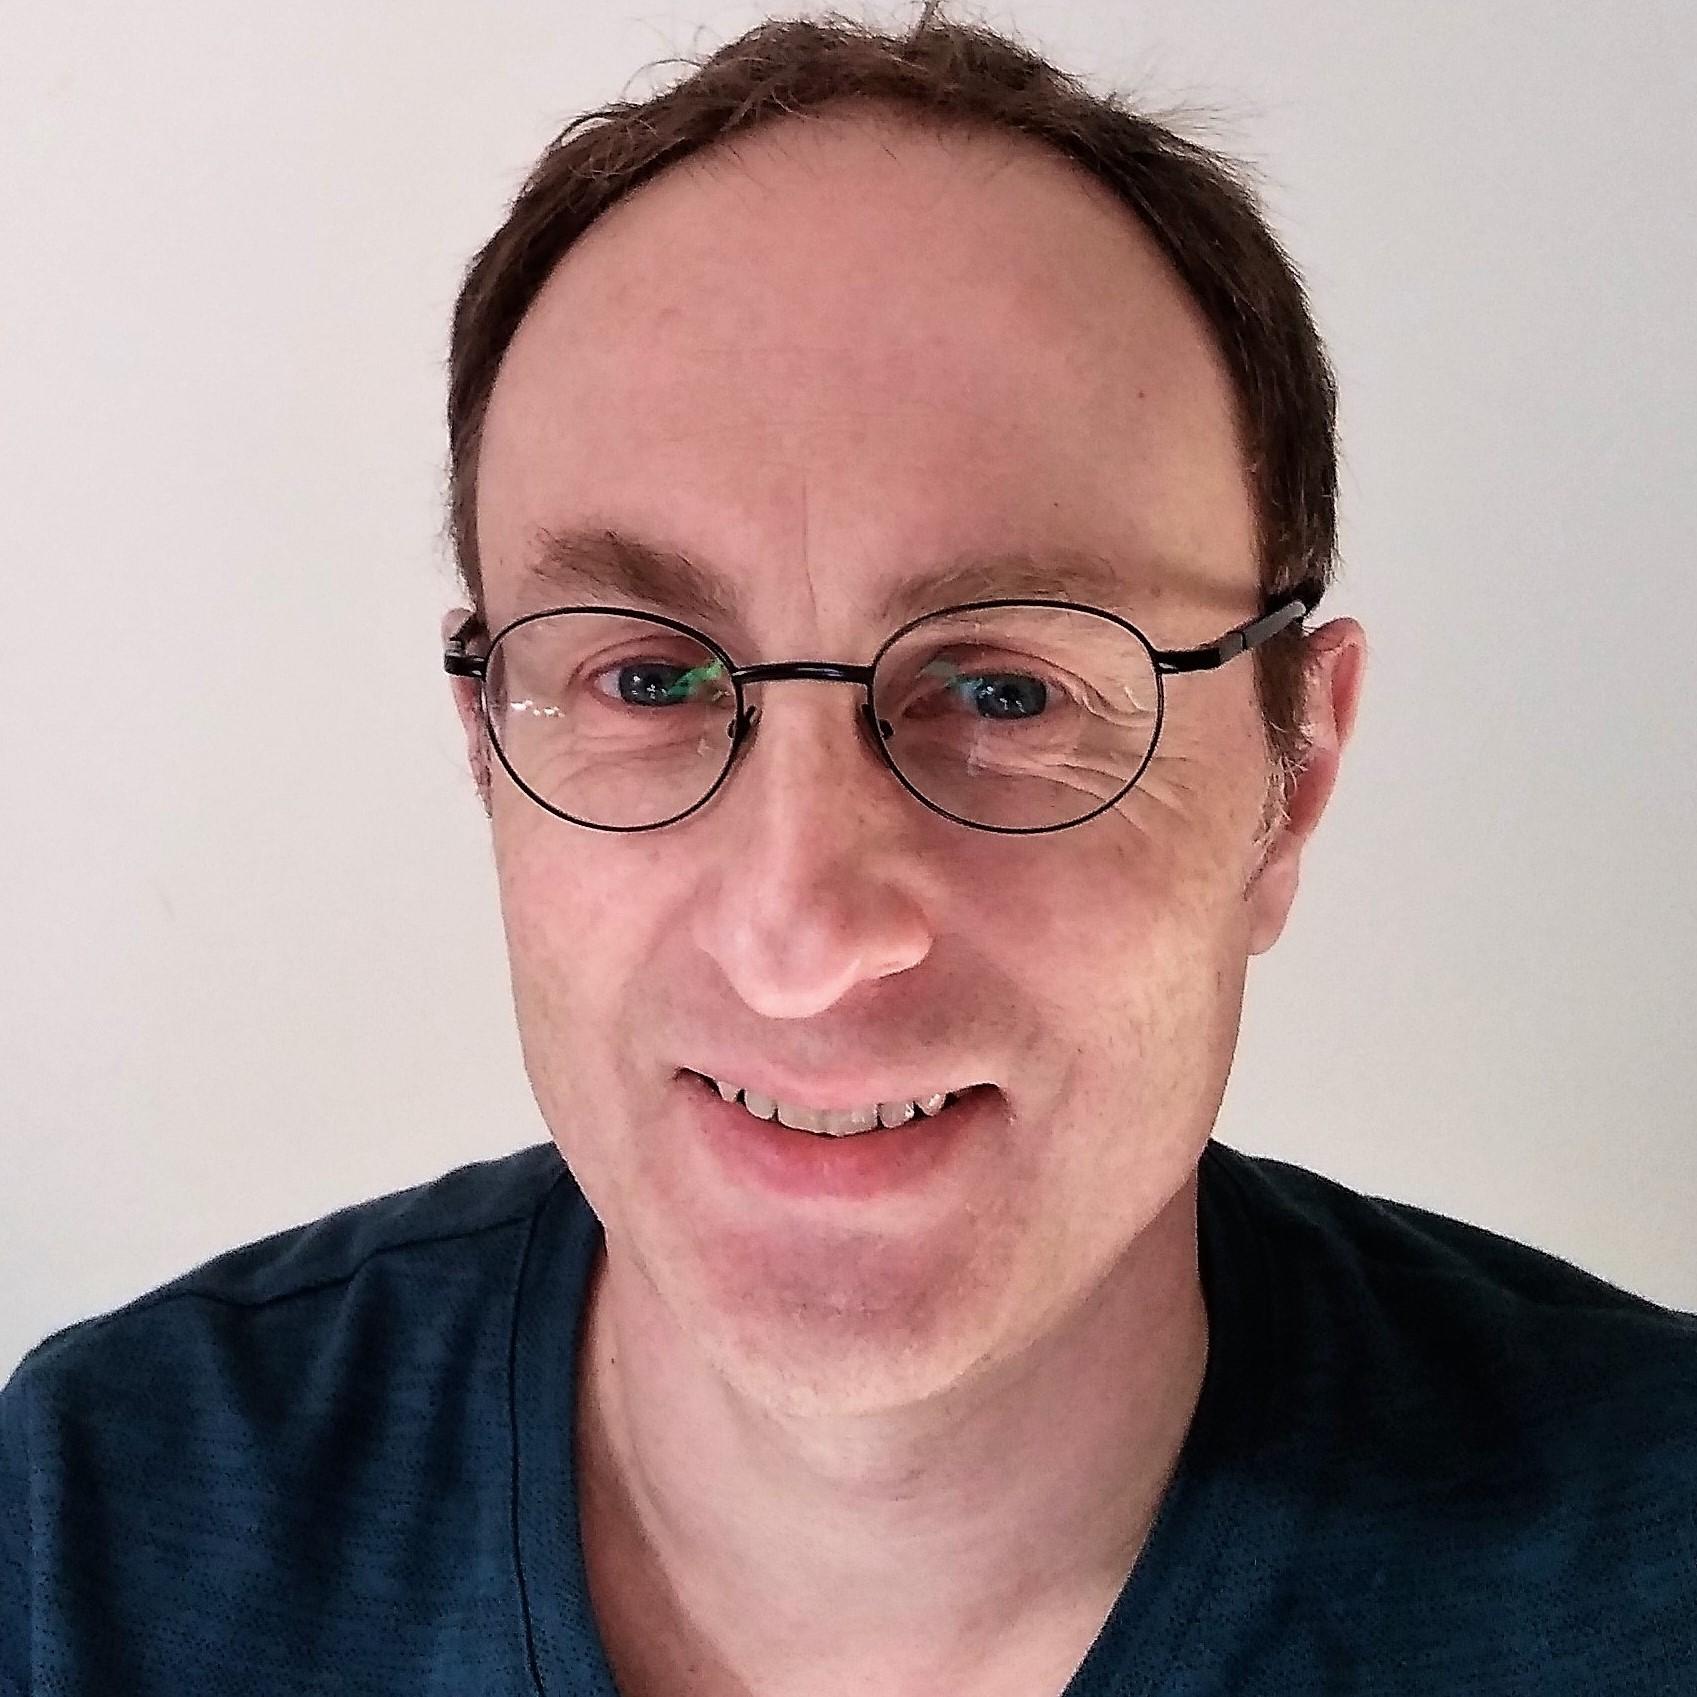 Sylvain Perriollat - Magnétiseur - Les bienfaits du magnétisme thérapeutique @ Salle B